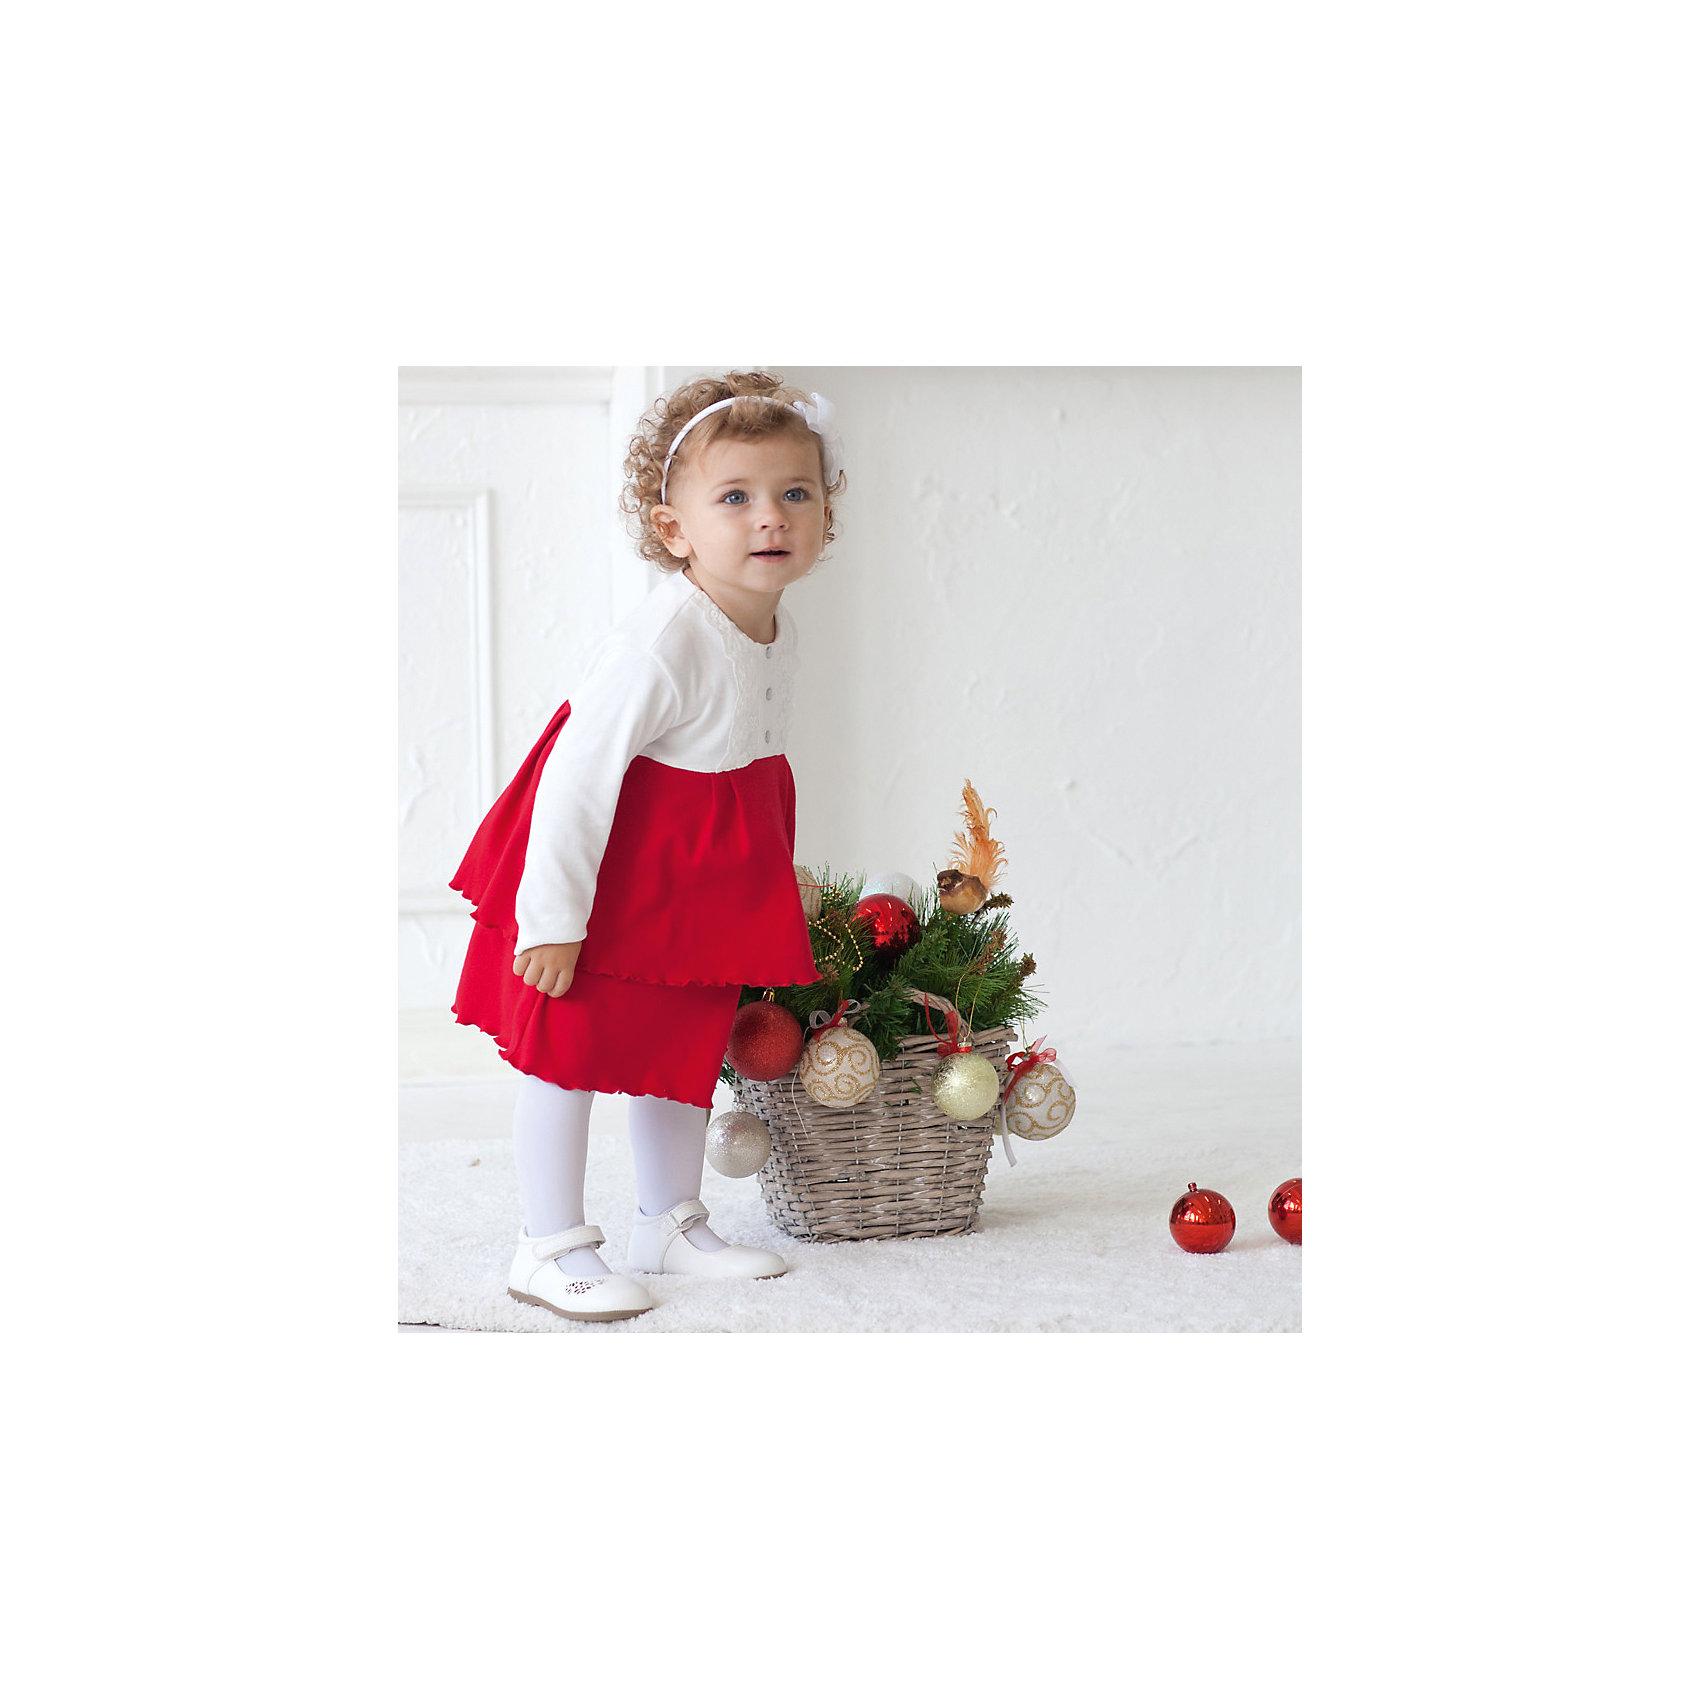 Боди-платье для девочки МАМУЛЯНДИЯОдежда<br>Боди-платье для девочки МАМУЛЯНДИЯ<br>Боди-платье из дизайнерской коллекции для девочек Леди и джентльмены, выполнено из трикотажного полотна высшего качества (интерлок пенье).  Декорировано кружевом. Удобное расположение кнопок для переодевания малыша или смены подгузника. Кнопки из гипоаллергенного сплава без содержания никеля.  Стирать при температуре 40, носить с удовольствием.<br>Состав:<br>100% хлопок<br><br>Ширина мм: 157<br>Глубина мм: 13<br>Высота мм: 119<br>Вес г: 200<br>Цвет: красный<br>Возраст от месяцев: 3<br>Возраст до месяцев: 6<br>Пол: Женский<br>Возраст: Детский<br>Размер: 68,86,62,74,80<br>SKU: 5108824